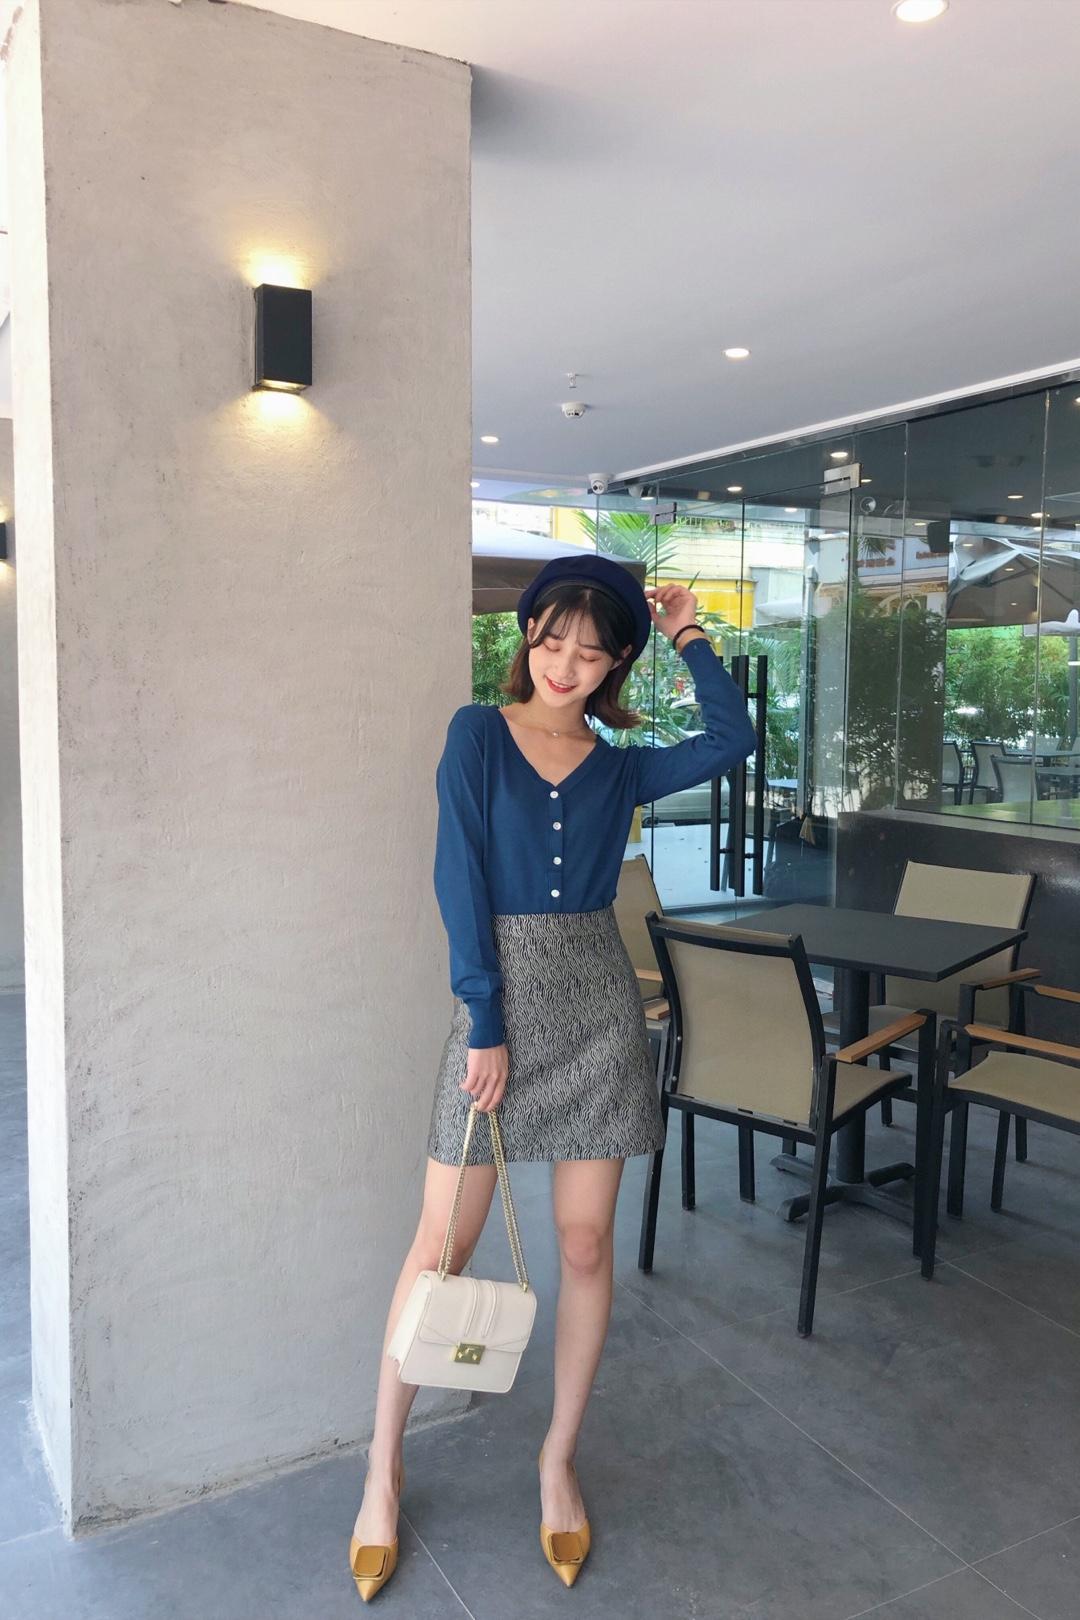 #入秋微凉,我选薄开衫#针织衫衣身比较短搭配高腰的裙子显出长腿的效果!颜色很显白哦 而且挺百搭 搭配牛仔裤也不突兀哦